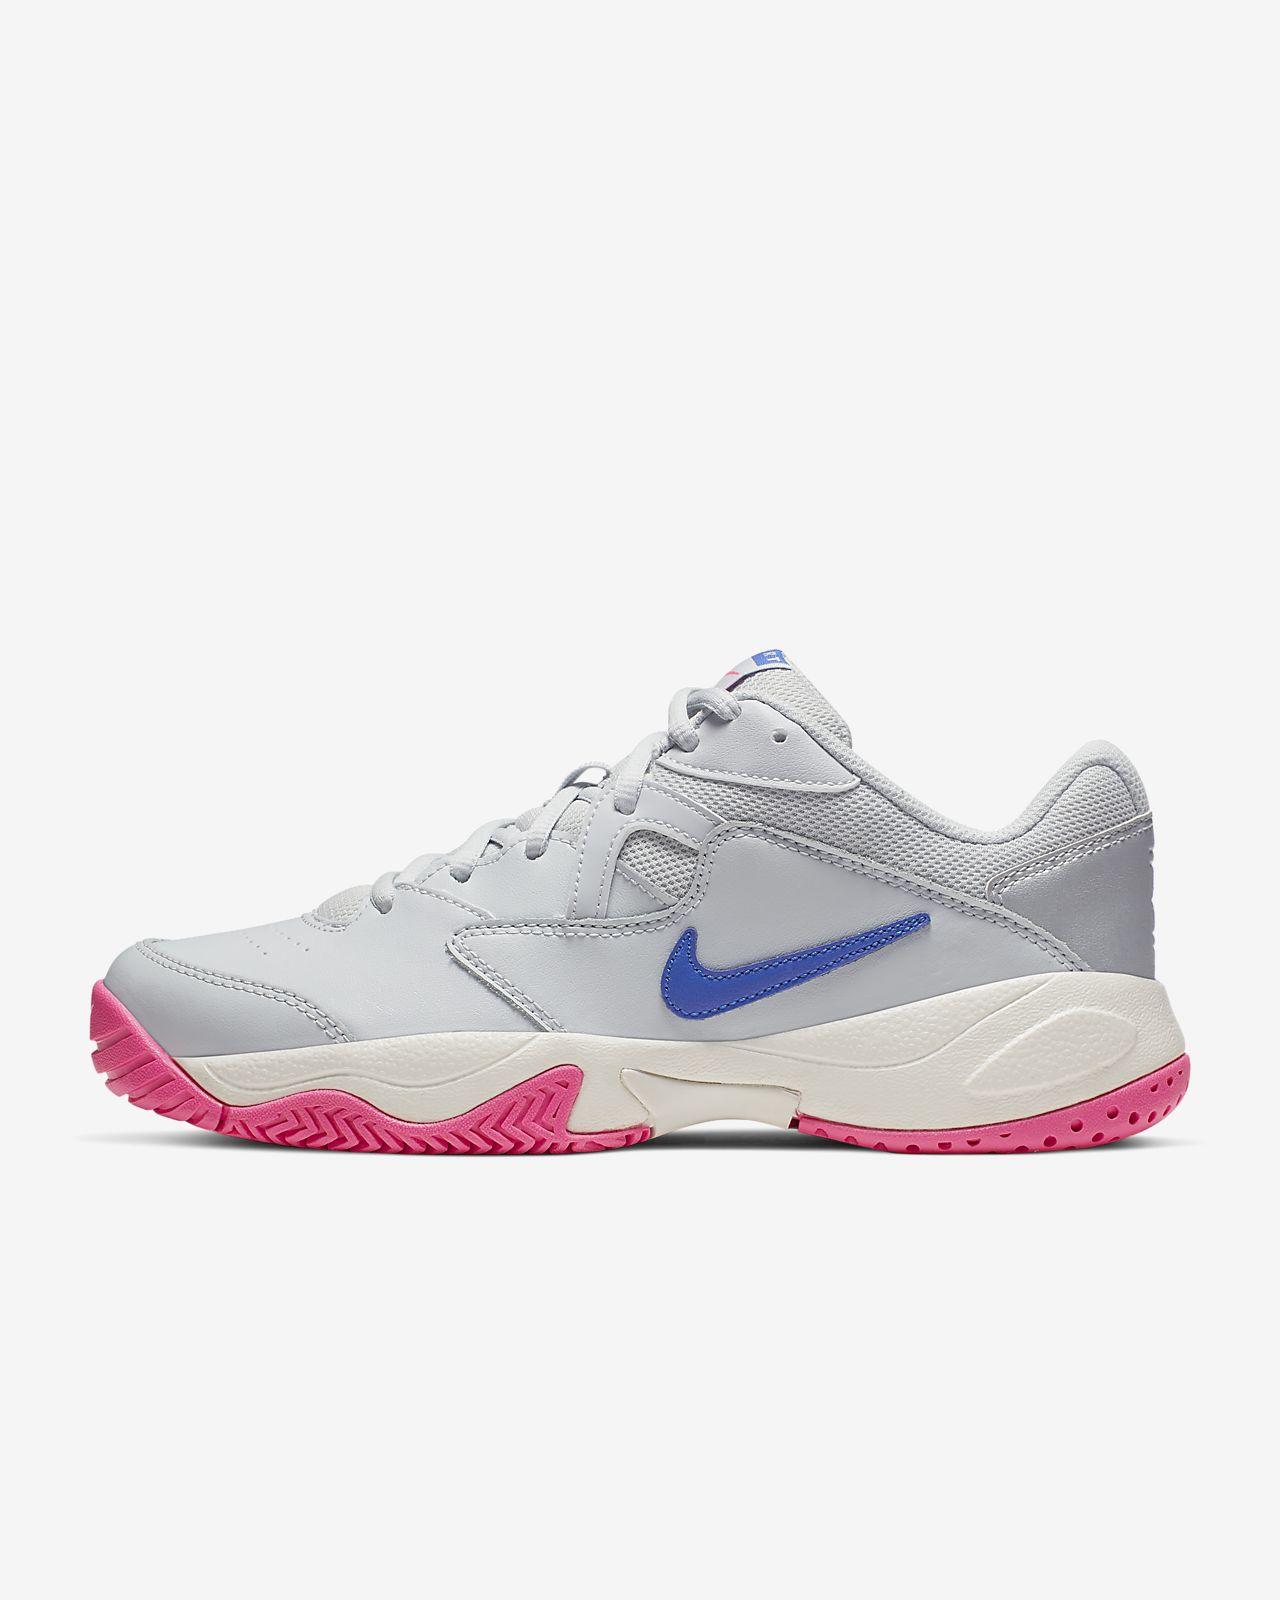 รองเท้าเทนนิสคอร์ทปูนผู้หญิง NikeCourt Lite 2